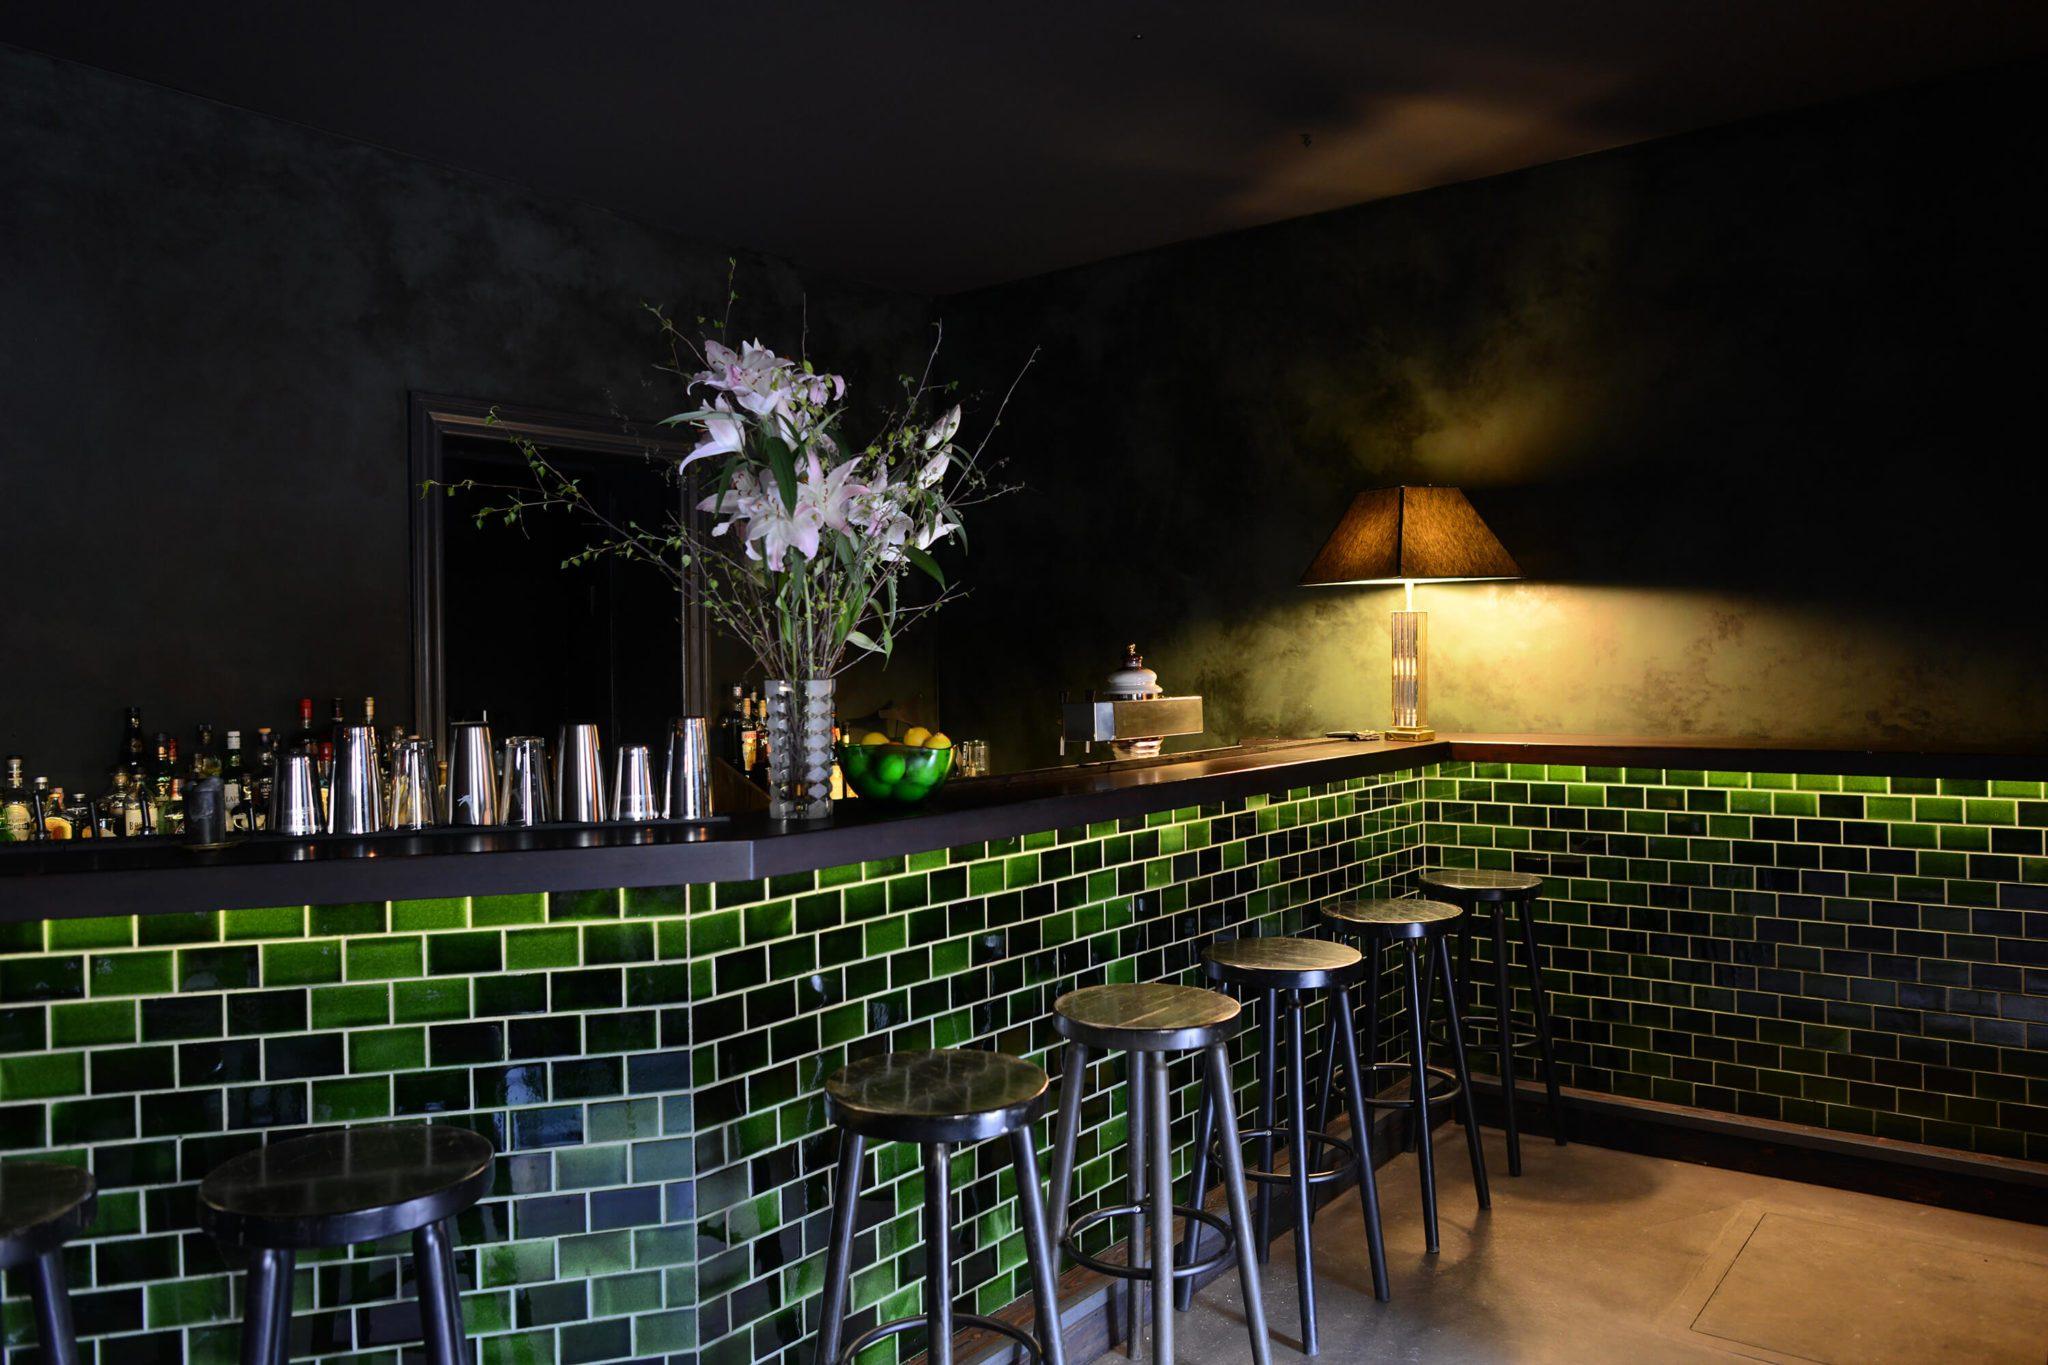 Blick auf die grüne Bar in der Basalt Bar in Berlin